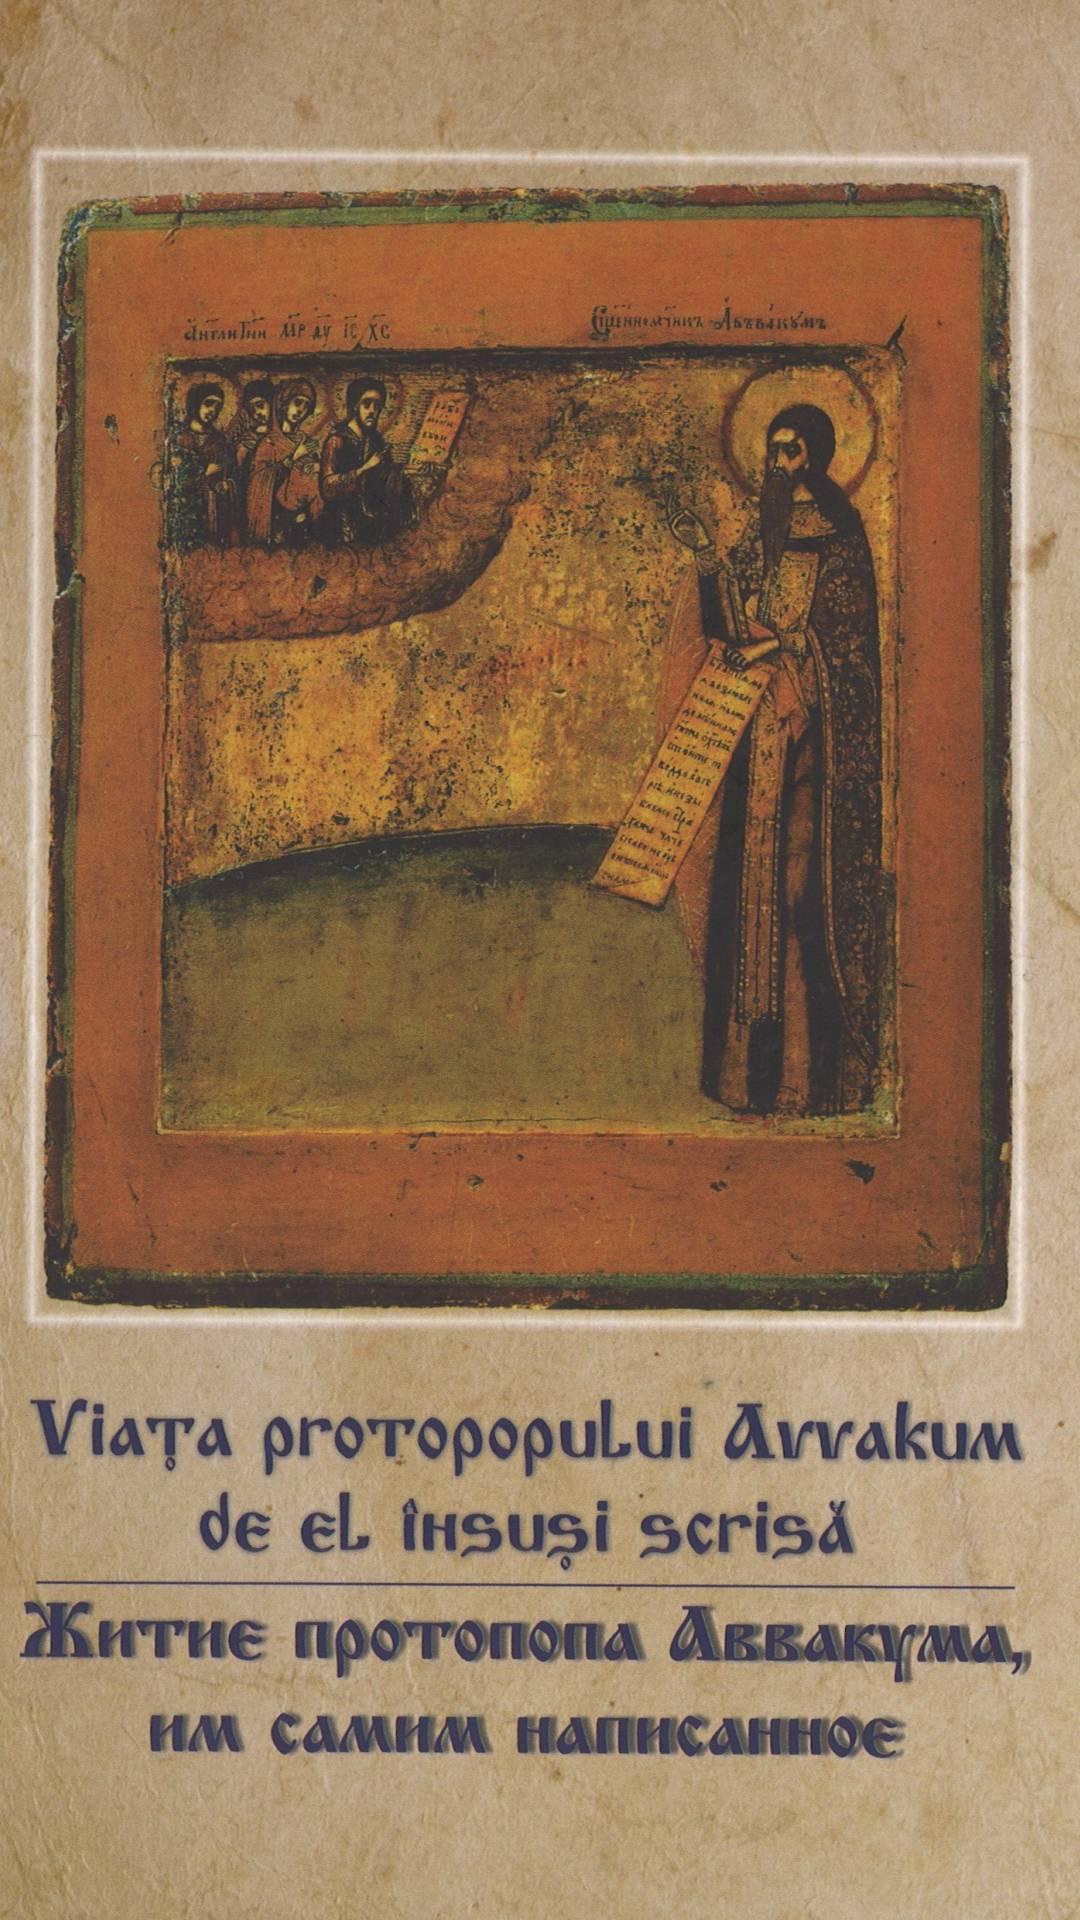 Viaţa protopopului Avvakum de el însuşi scrisă